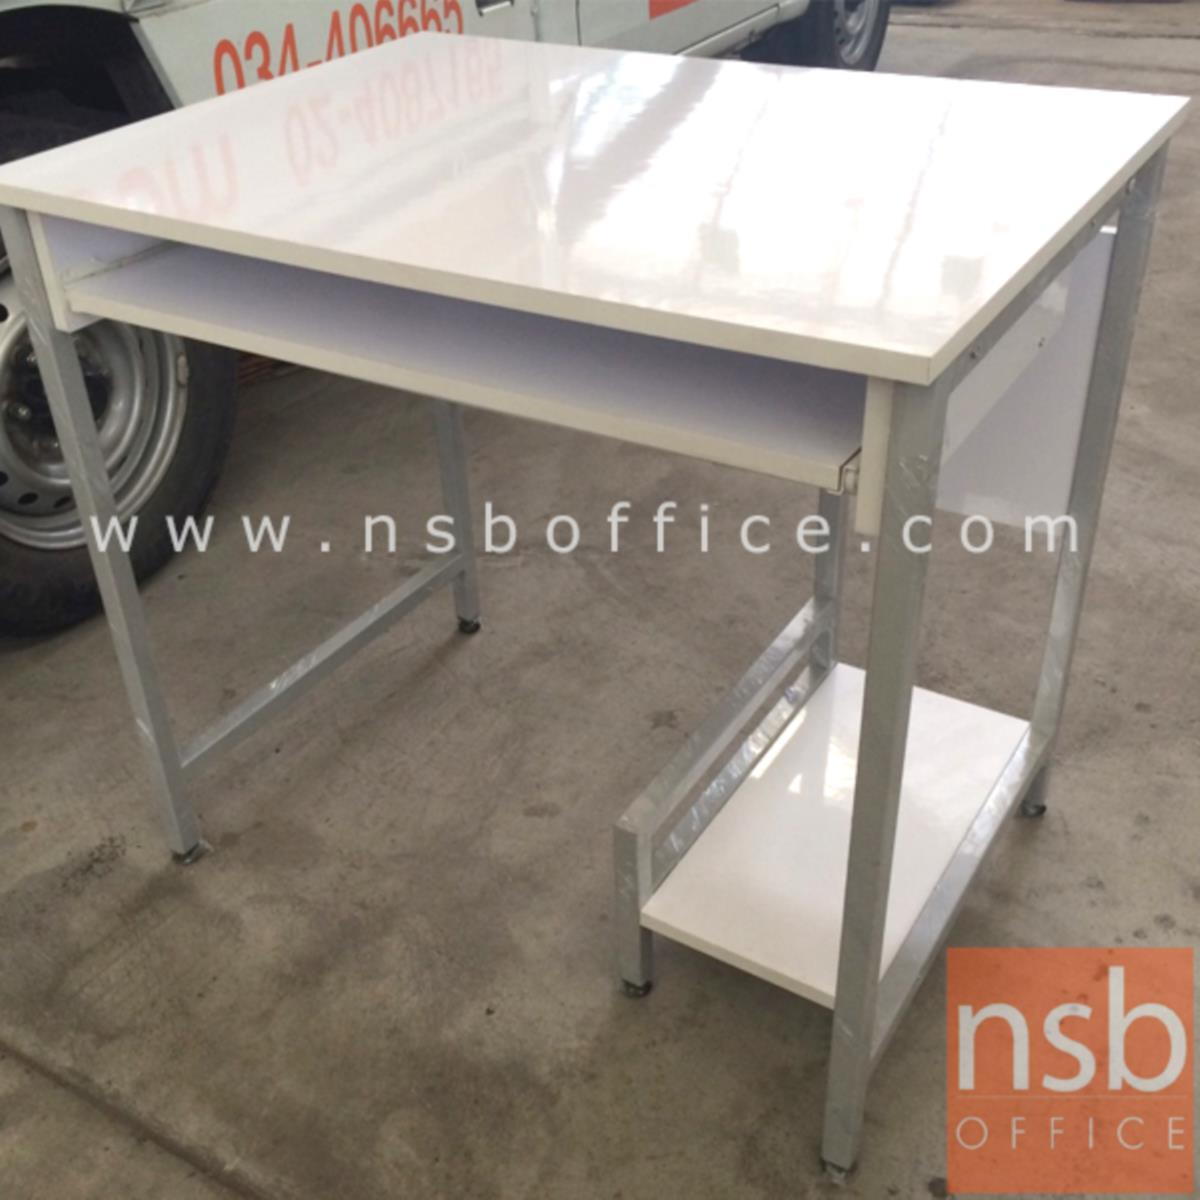 โต๊ะคอมพิวเตอร์  รุ่น RH80 ขนาด 80W cm. พร้อมรางคีย์บอร์ดและที่วางซีพียู ขาเหล็ก